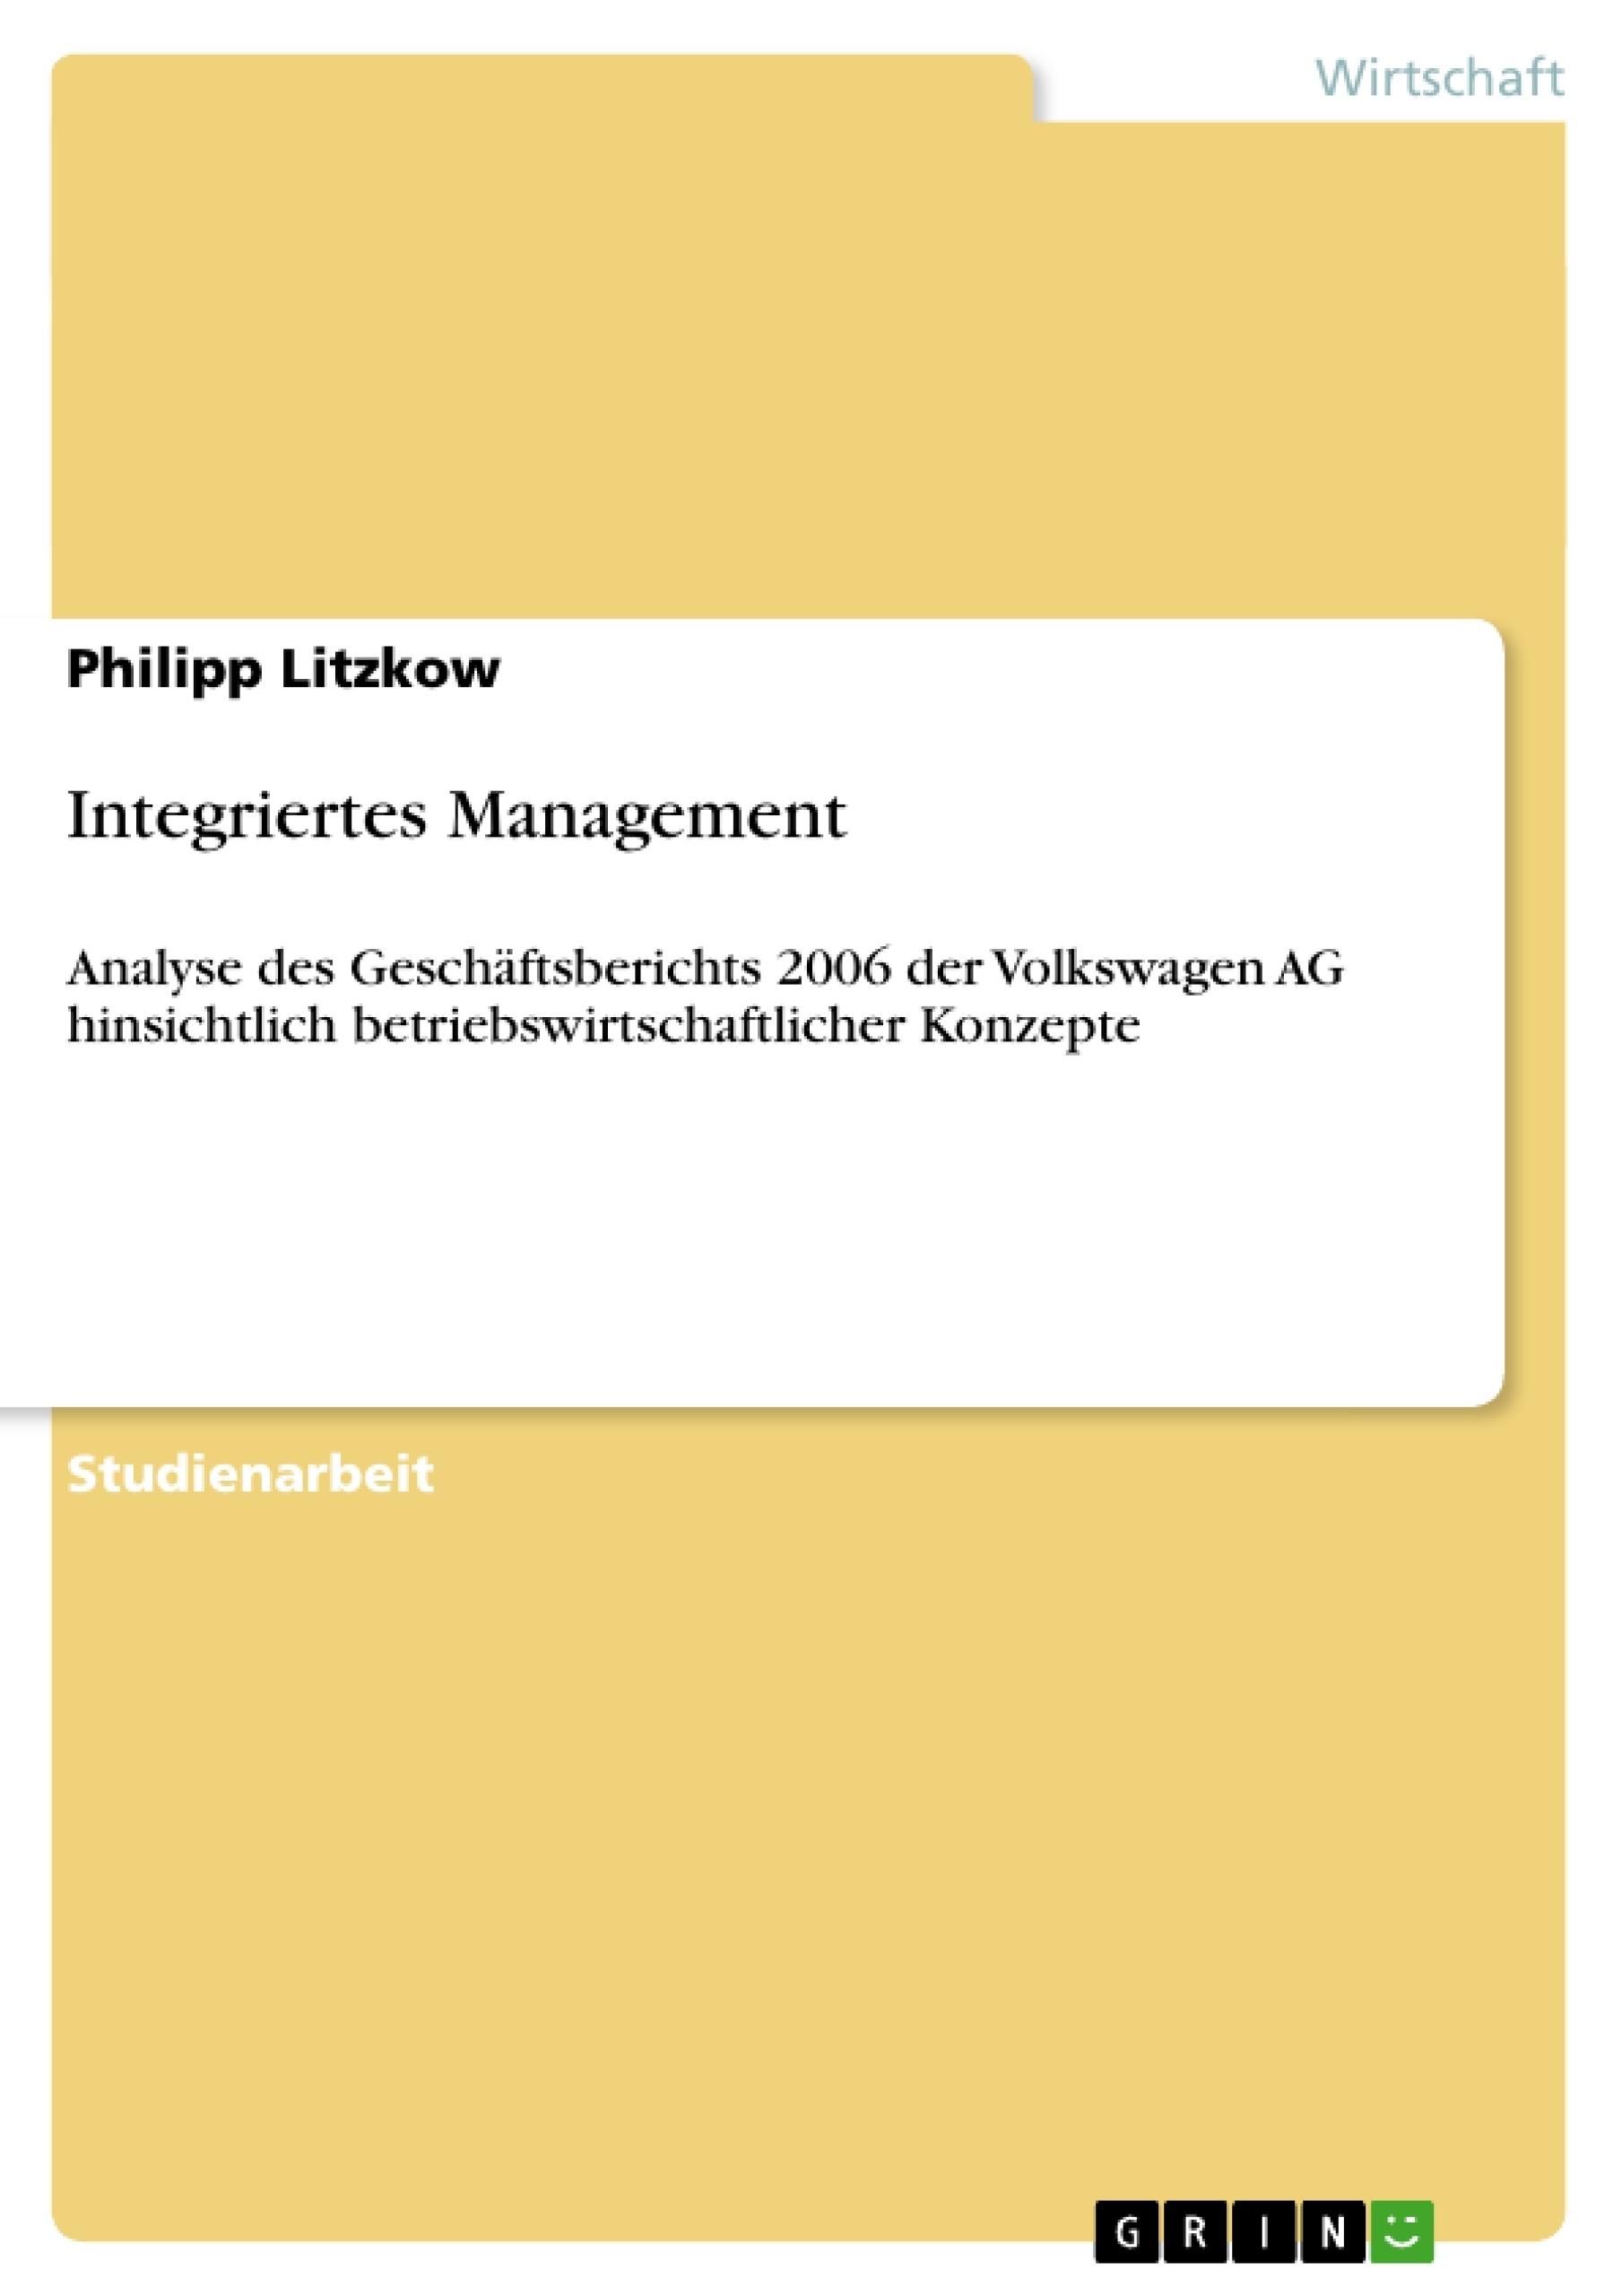 Titel: Integriertes Management